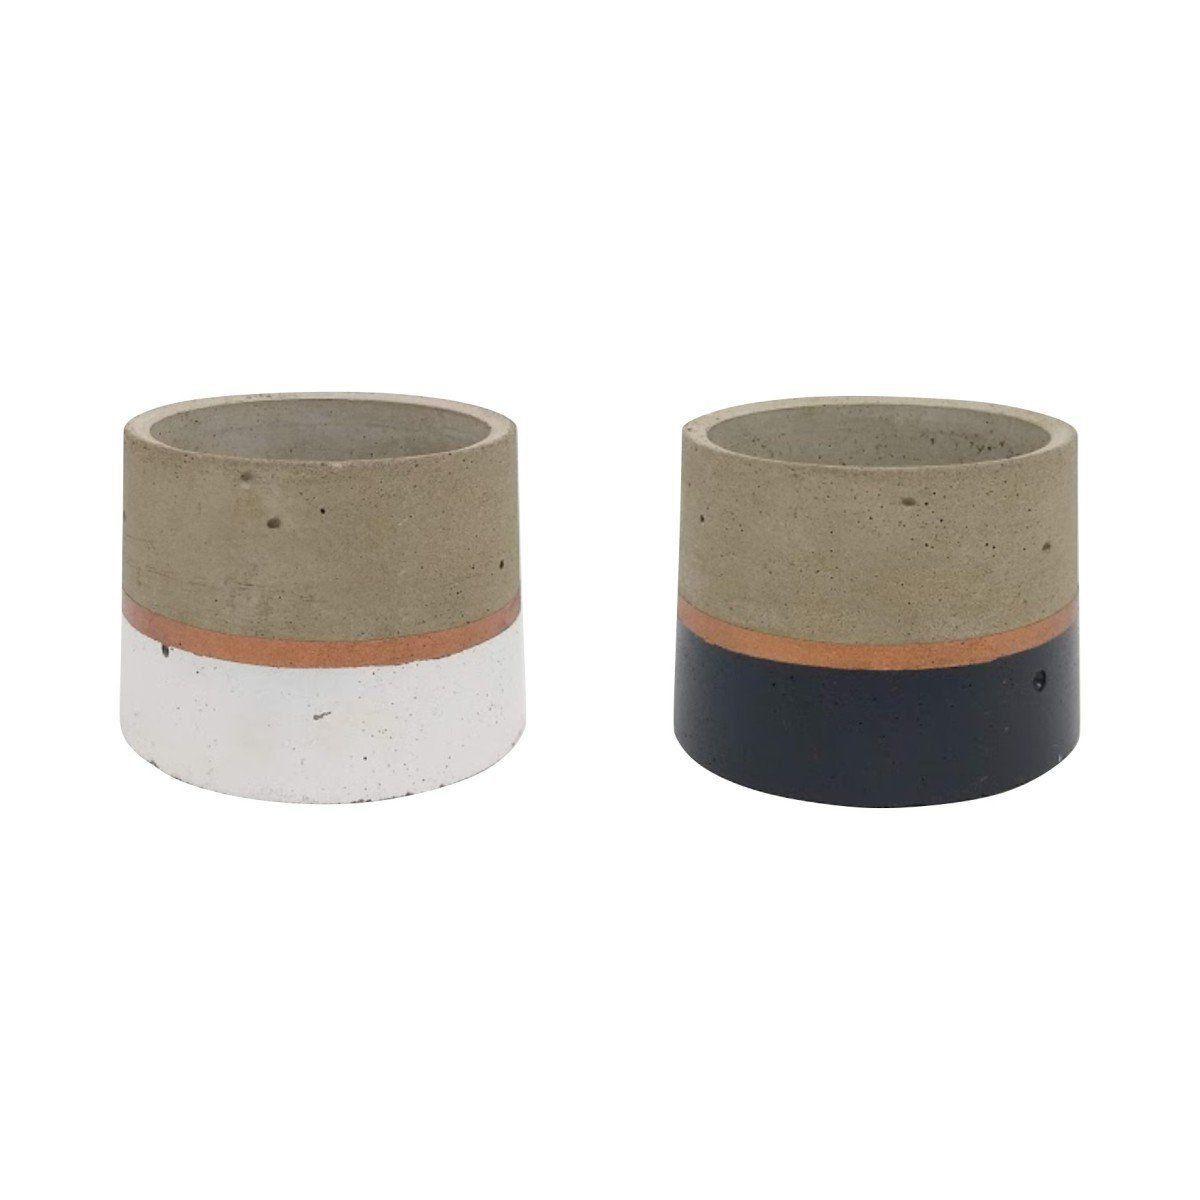 Kit 2 vasos de cimento 6,5cm x 8cm MD0101BCPC